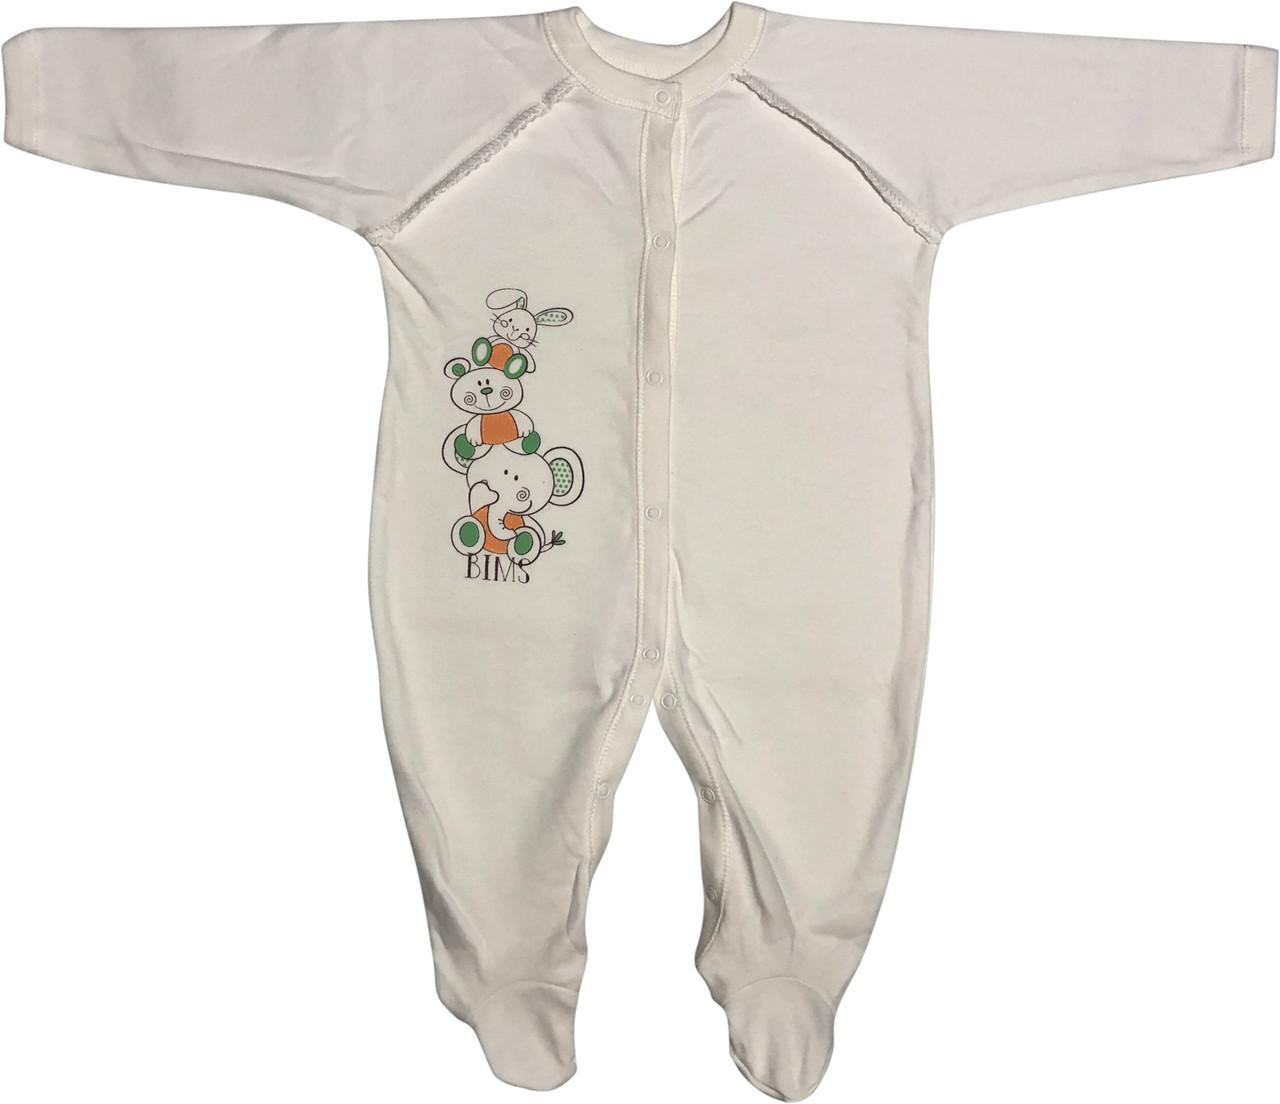 Тёплый человечек слип с начёсом для новорожденных рост 68 3-6 мес на мальчика девочку трикотажный молочный